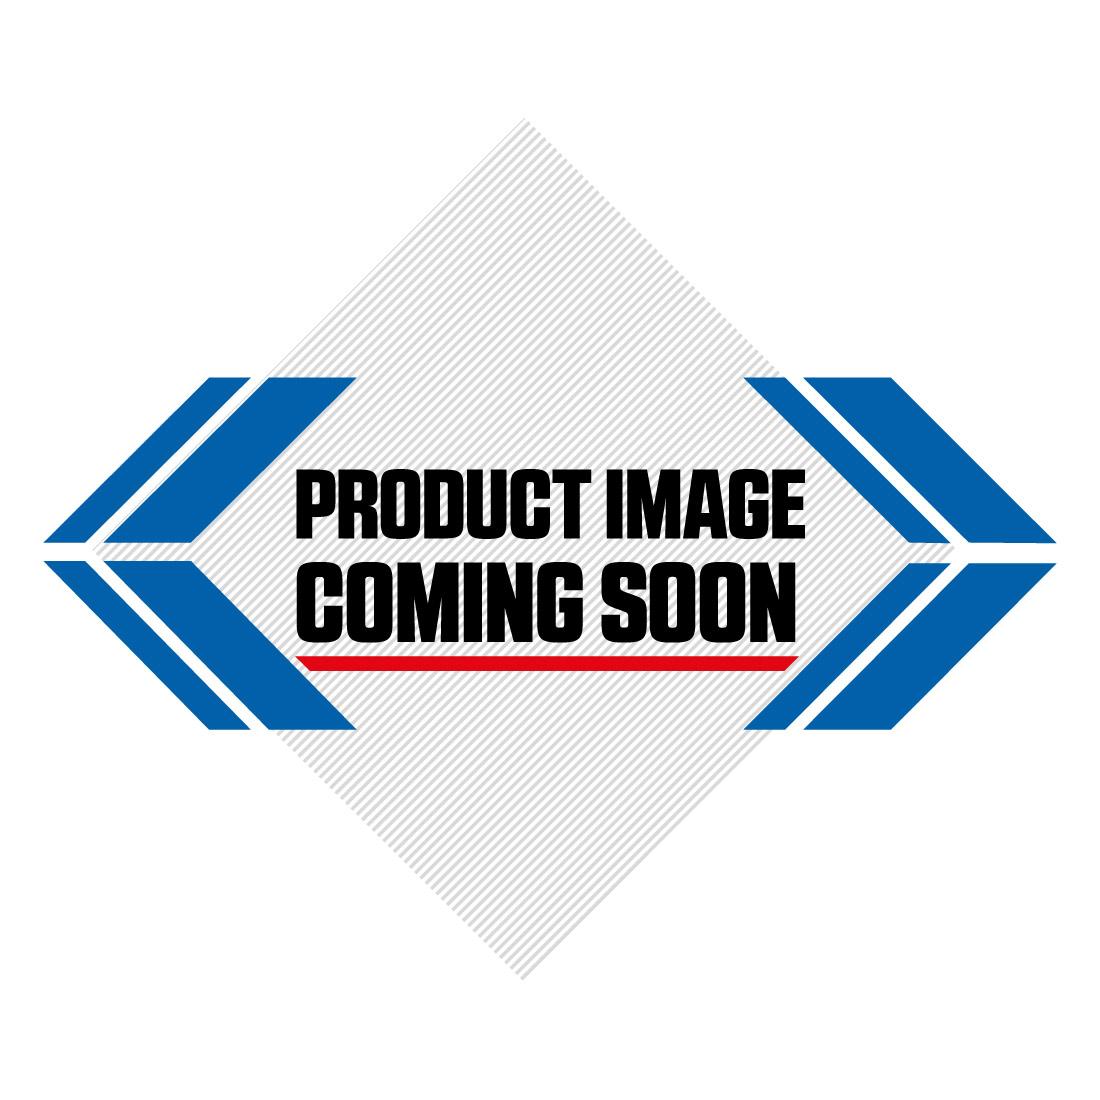 New 2015 Honda CRF 250R Motocross Bike Image-4>